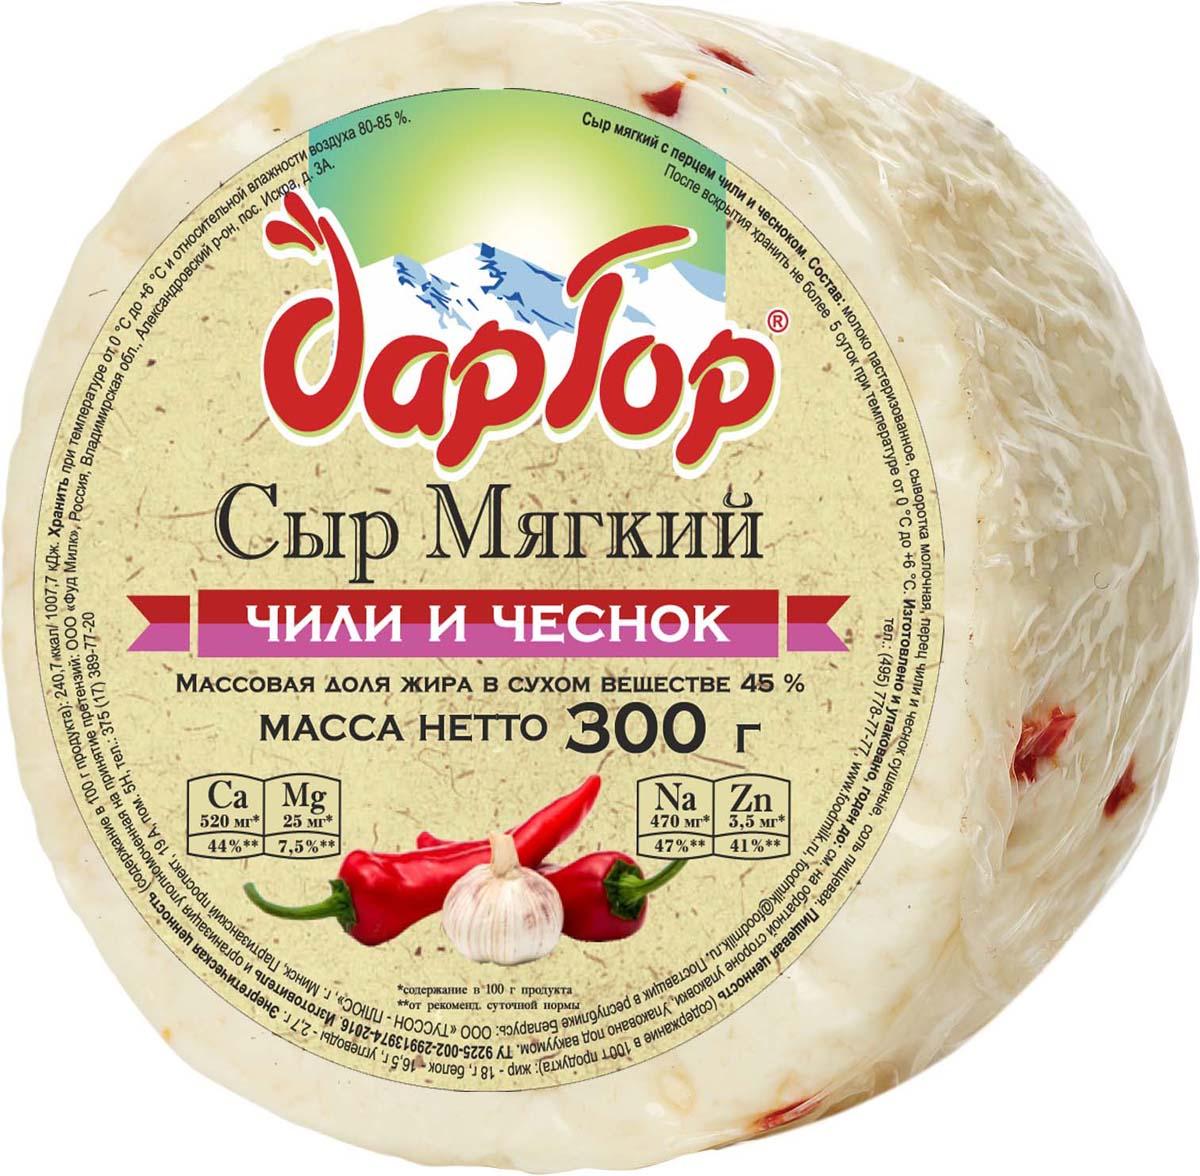 Дар Гор Сыр мягкий с Чили и Чесноком 45%, 300 г дар гор сыр чанах 40% с чёрными и зелёными плодами оливы в масле 40% 250 г